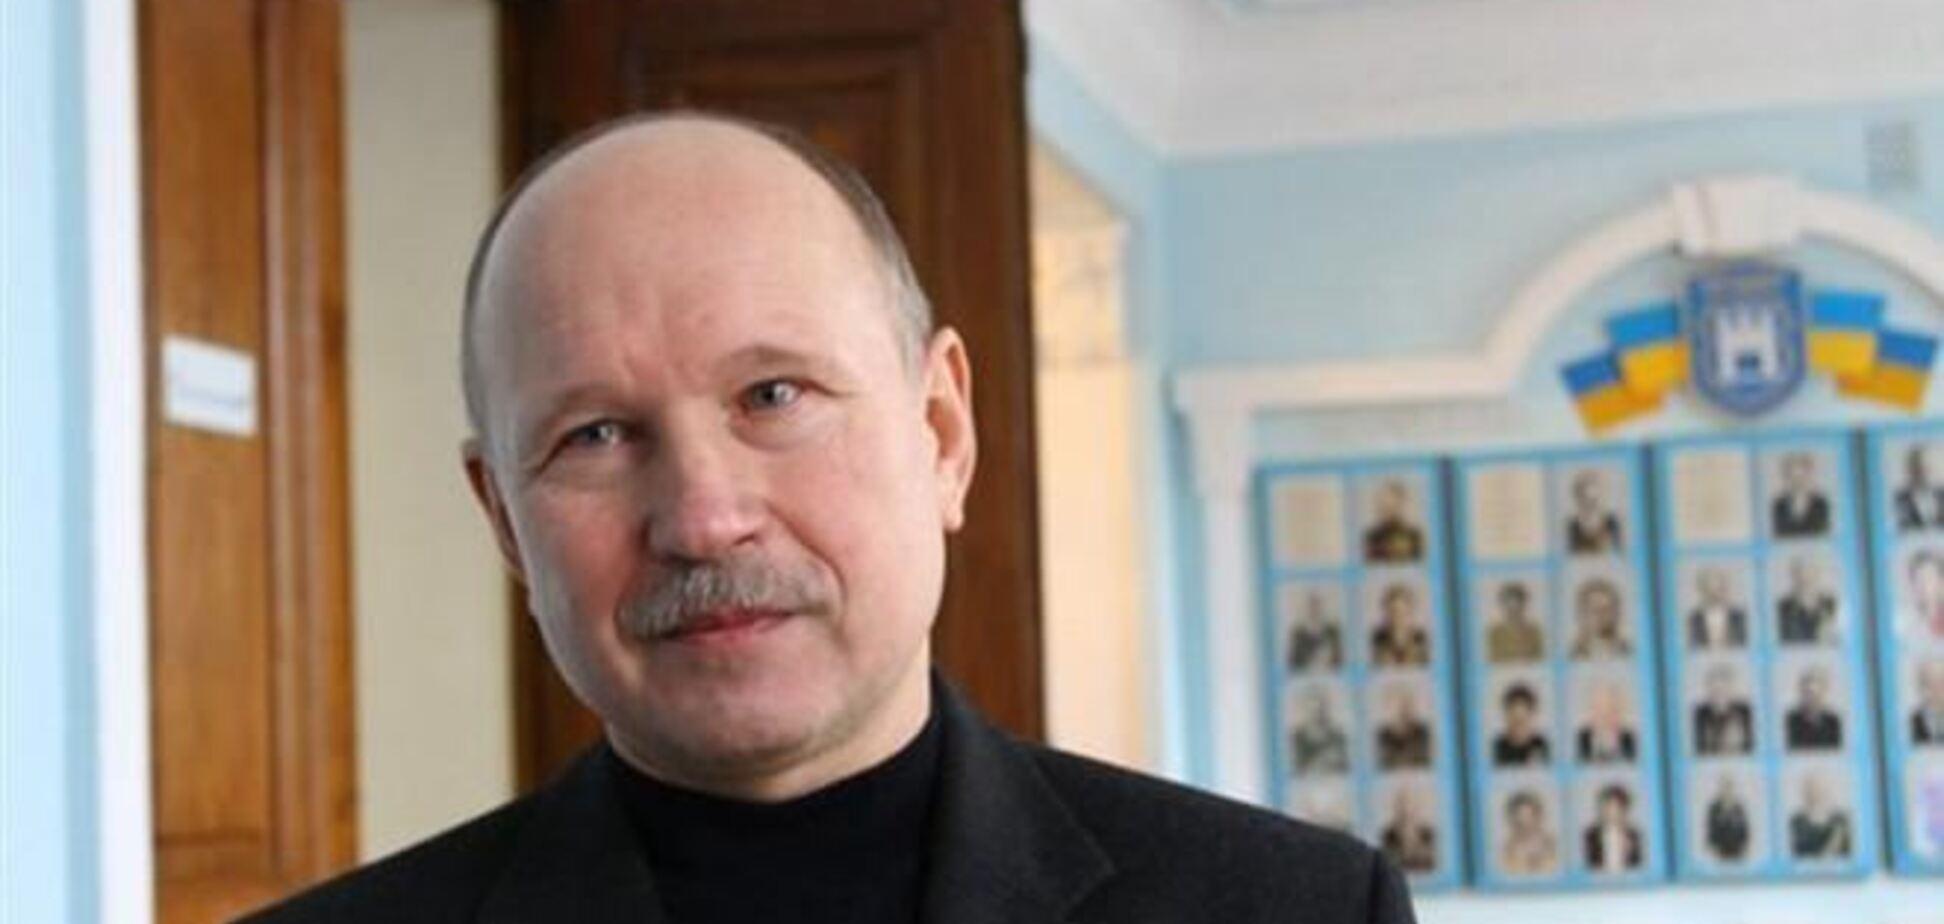 Следователя и прокурора по делу экс-мэра Житомира отстранили за предвзятость